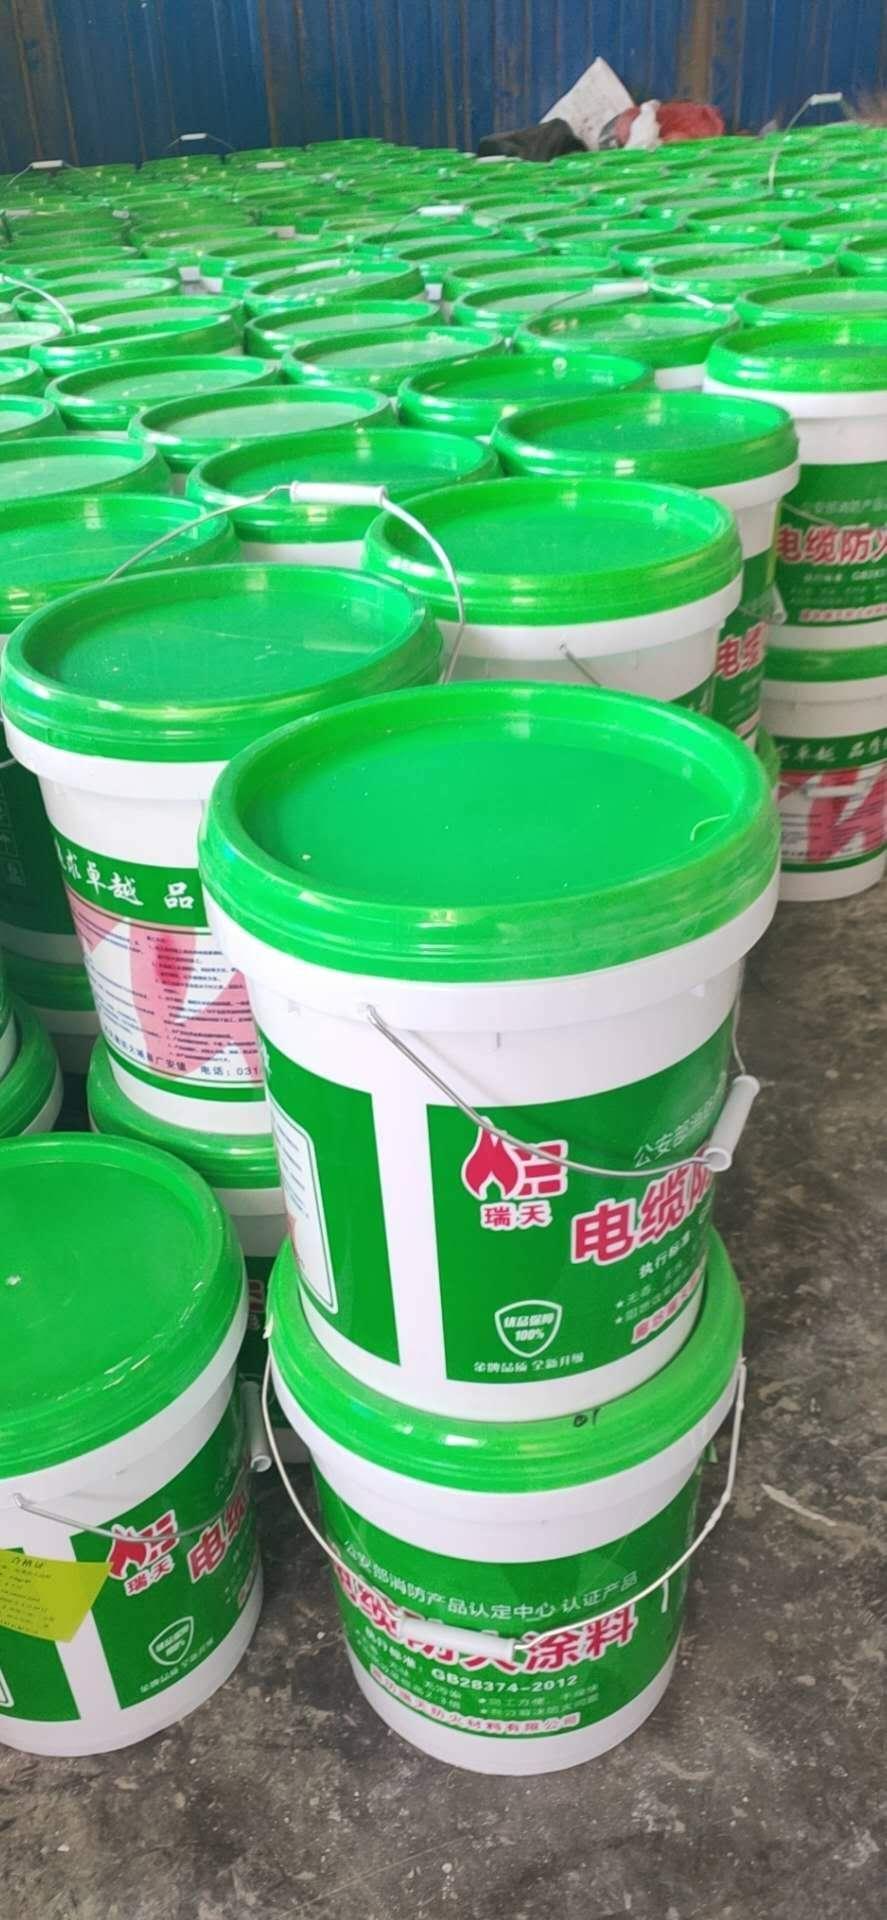 江苏室外膨胀型防火涂料生产厂家